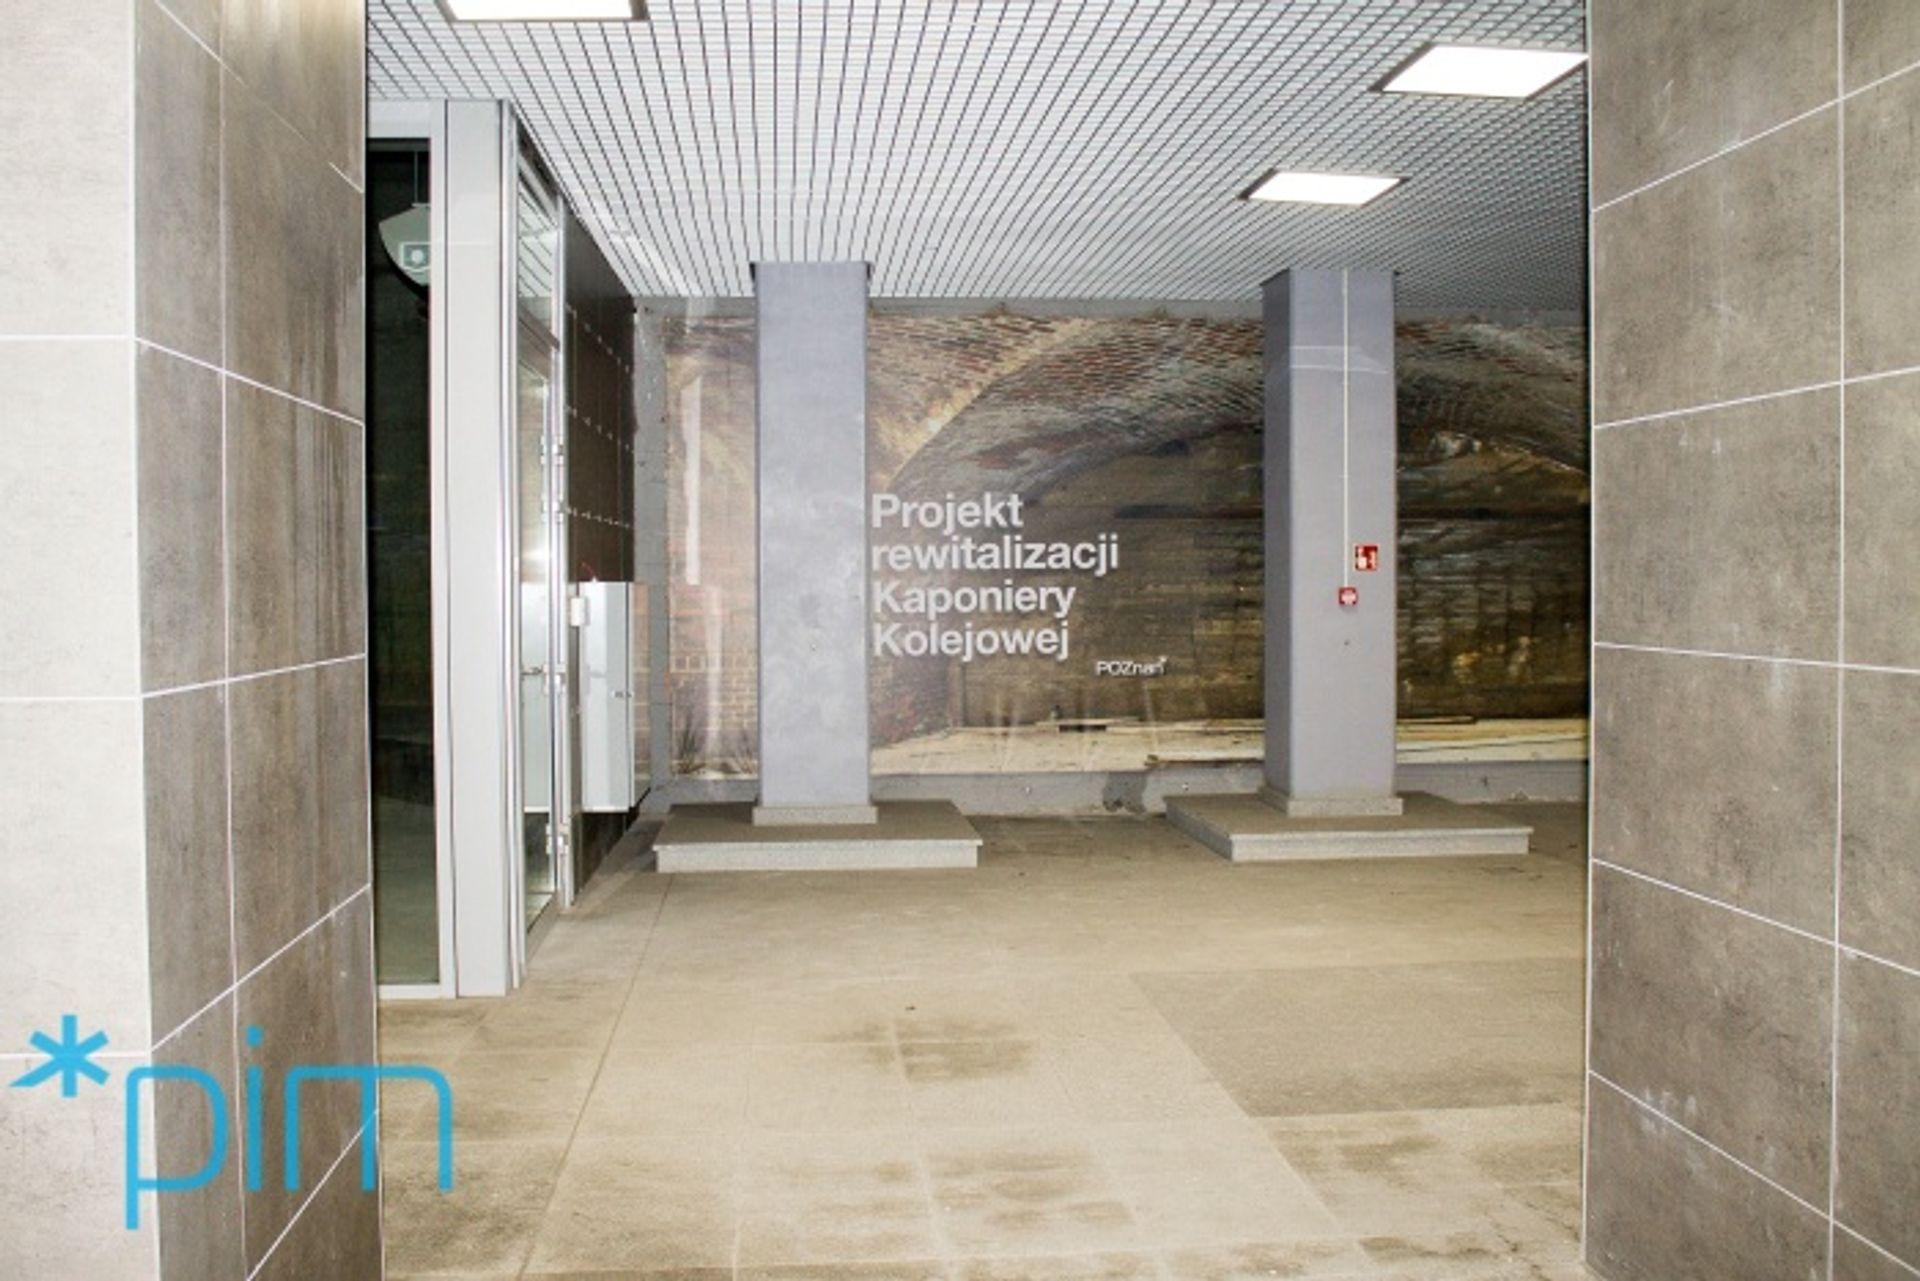 [Poznań] Rozpoczęto rewitalizację Kaponiery Kolejowej